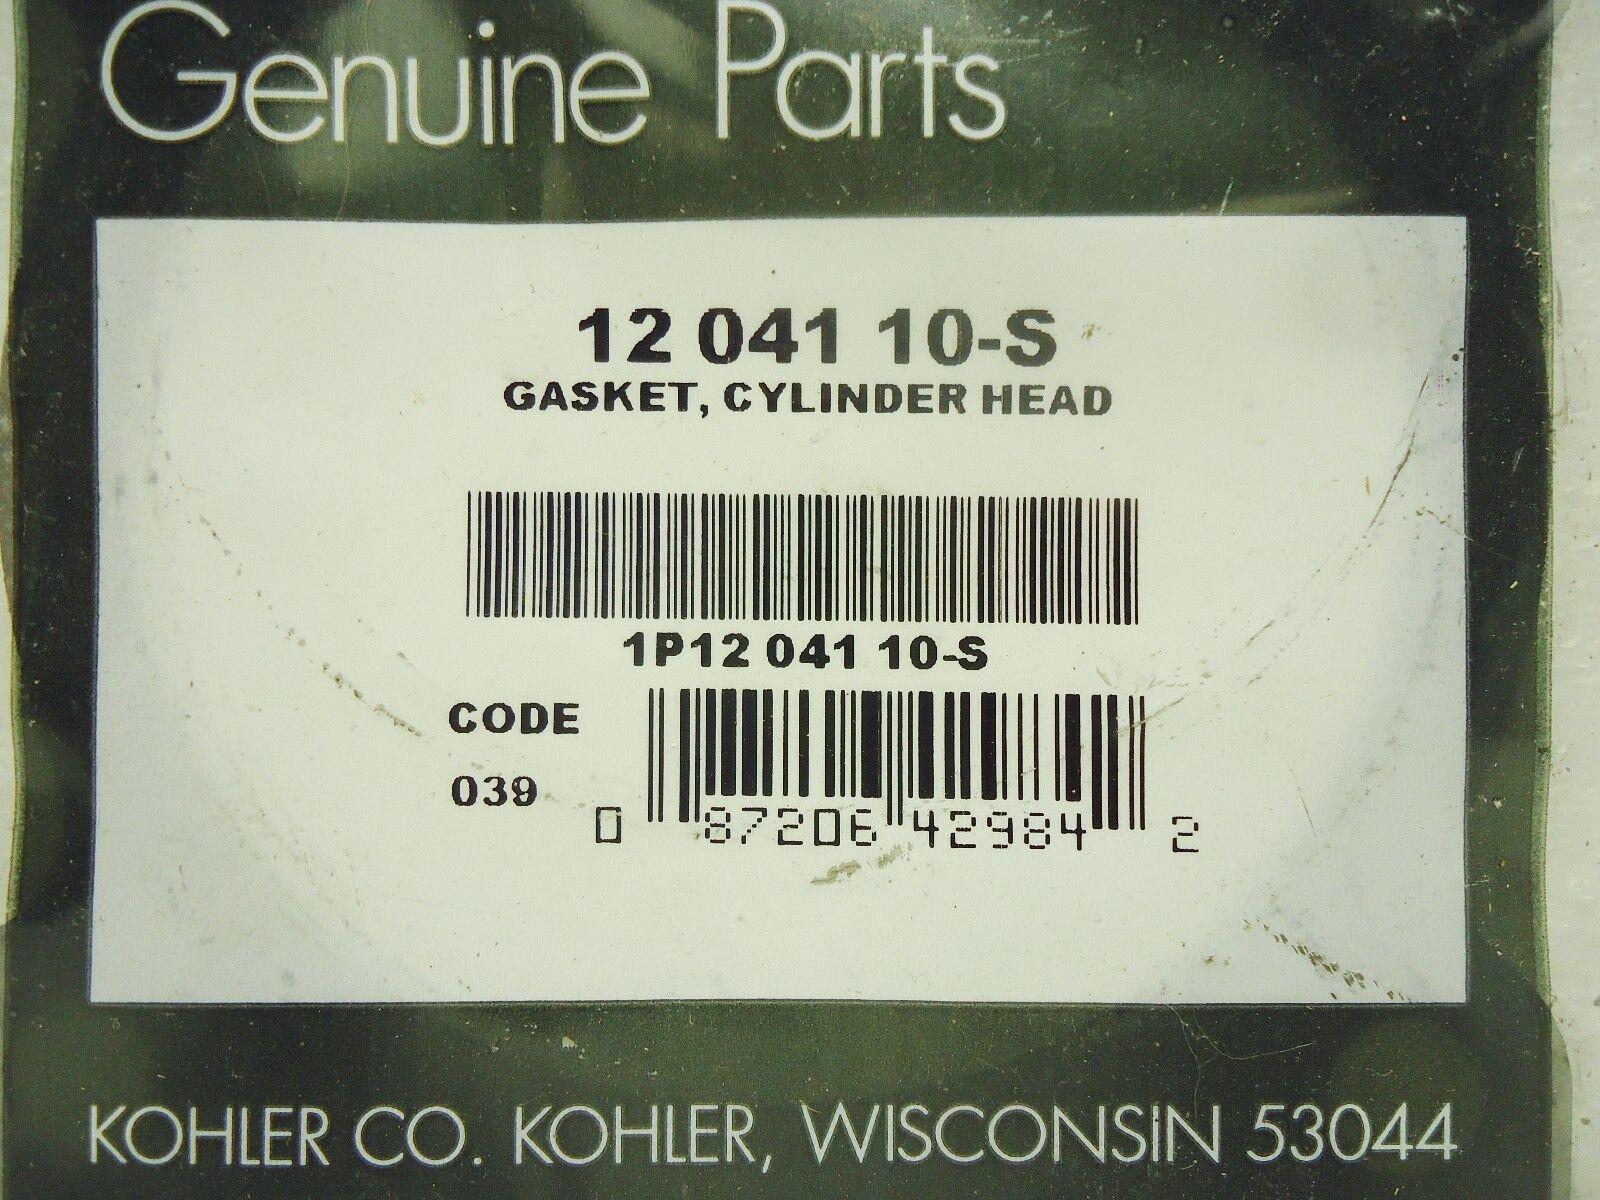 Kohler 12 041 10s Cylinder Head Gasket | eBay